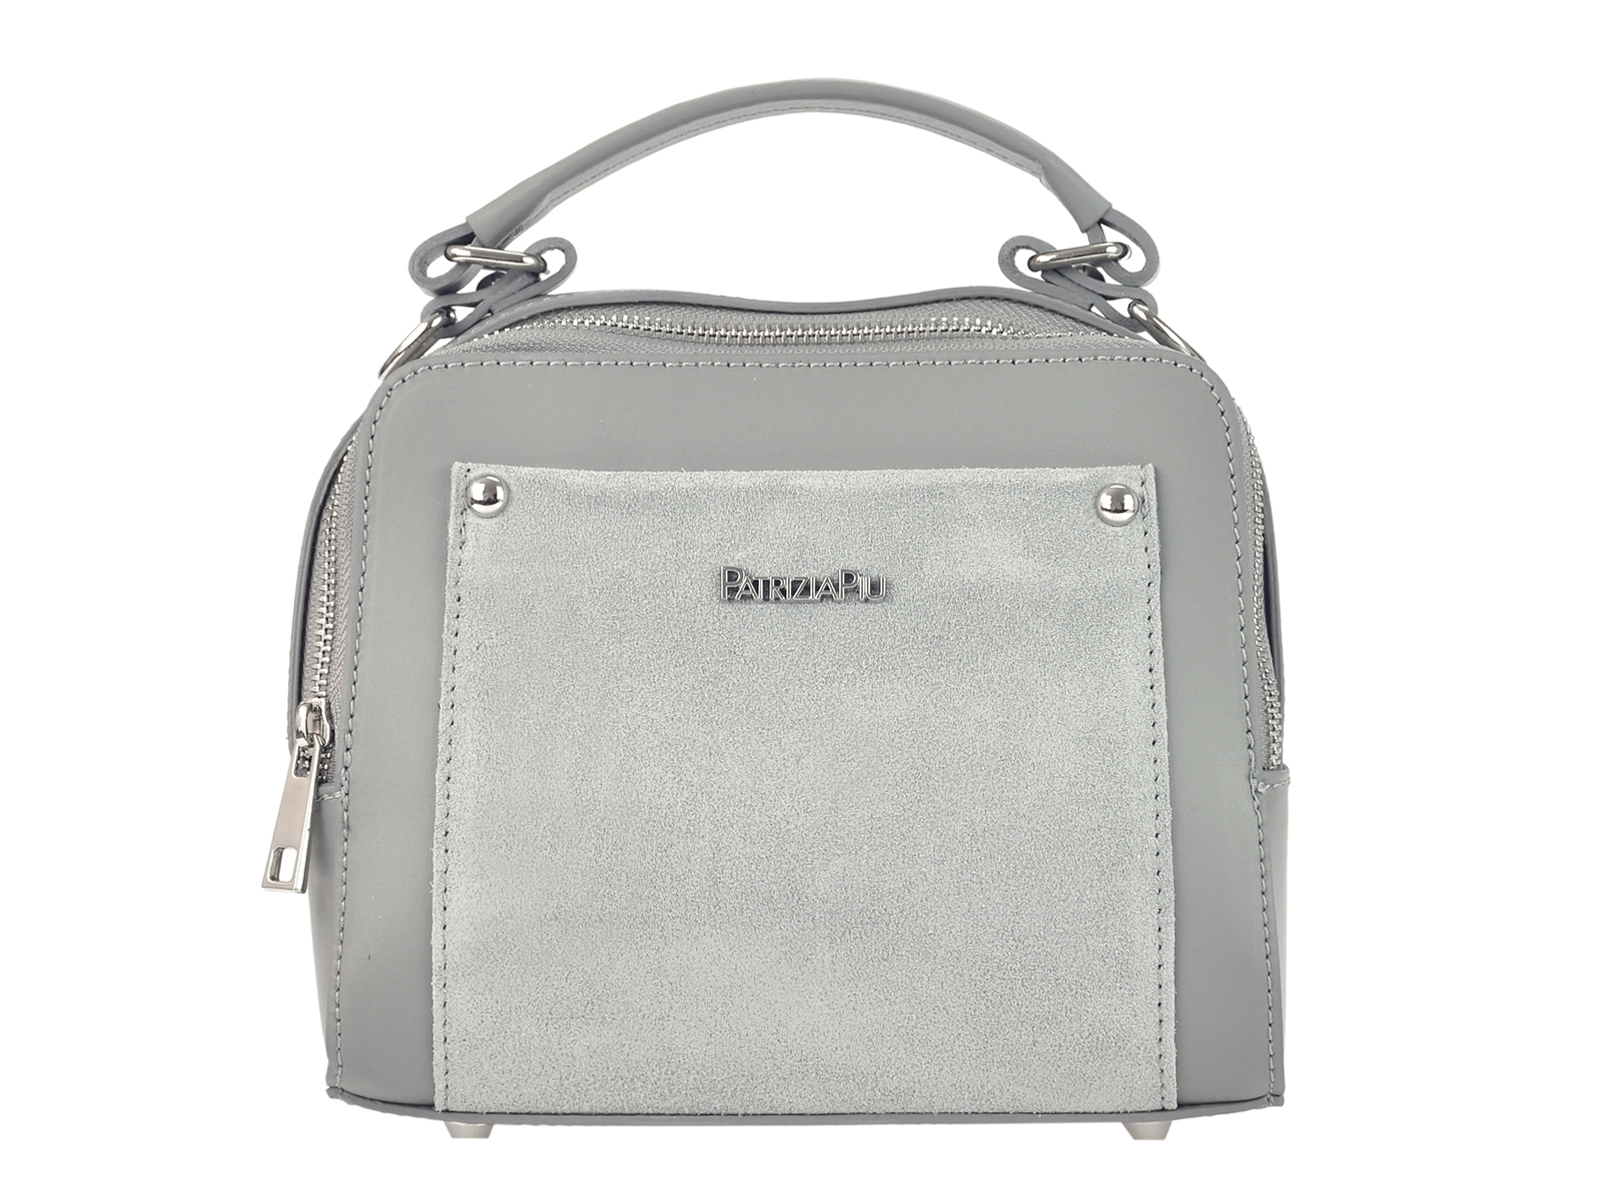 Dámska kabelka do ruky Patrizia Piu 418-051